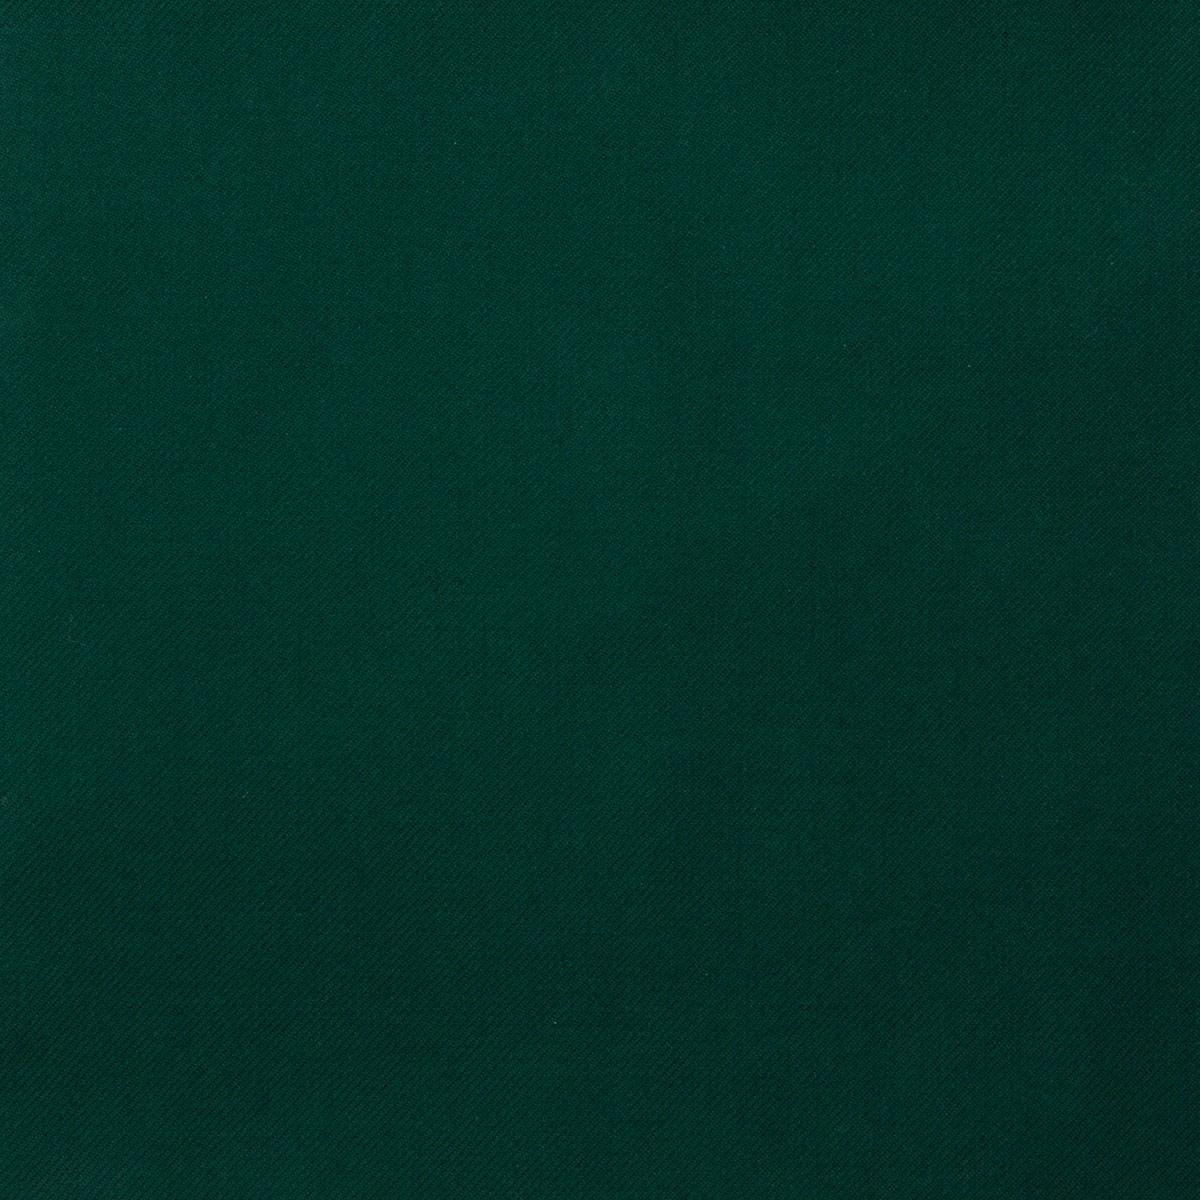 Green Modern Plain Coloured Light Weight Fabric-Front